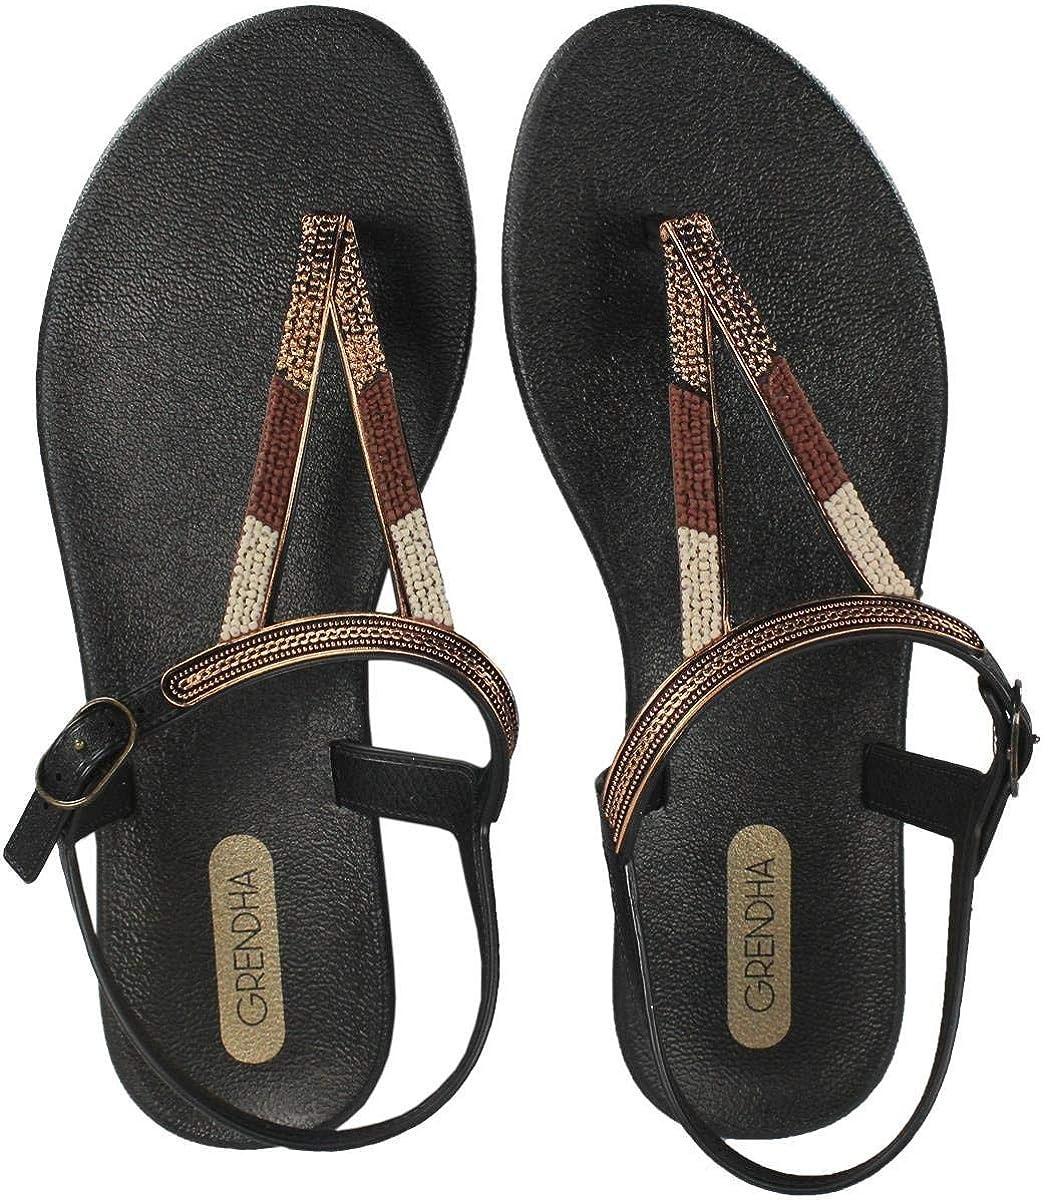 Raider Chanclas Grendha Riviera III Chaussures de Plage /& Piscine Mixte